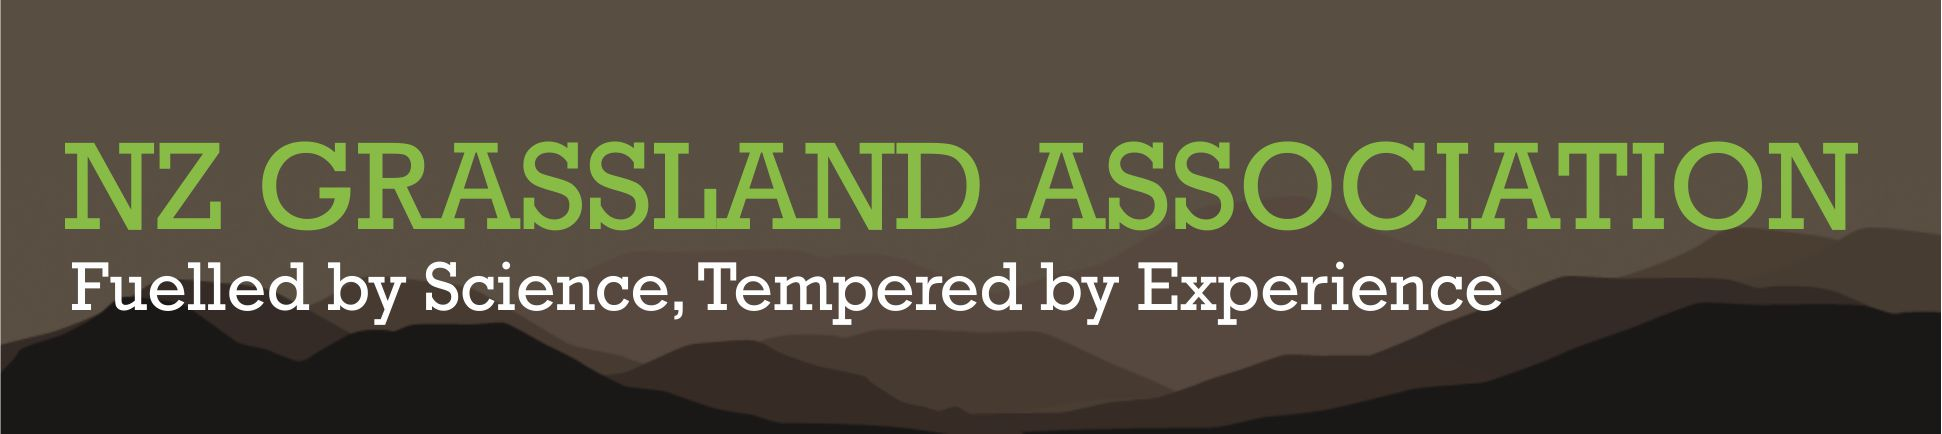 Sprout_Agritech Hub_NZ Grassland Association.jpg